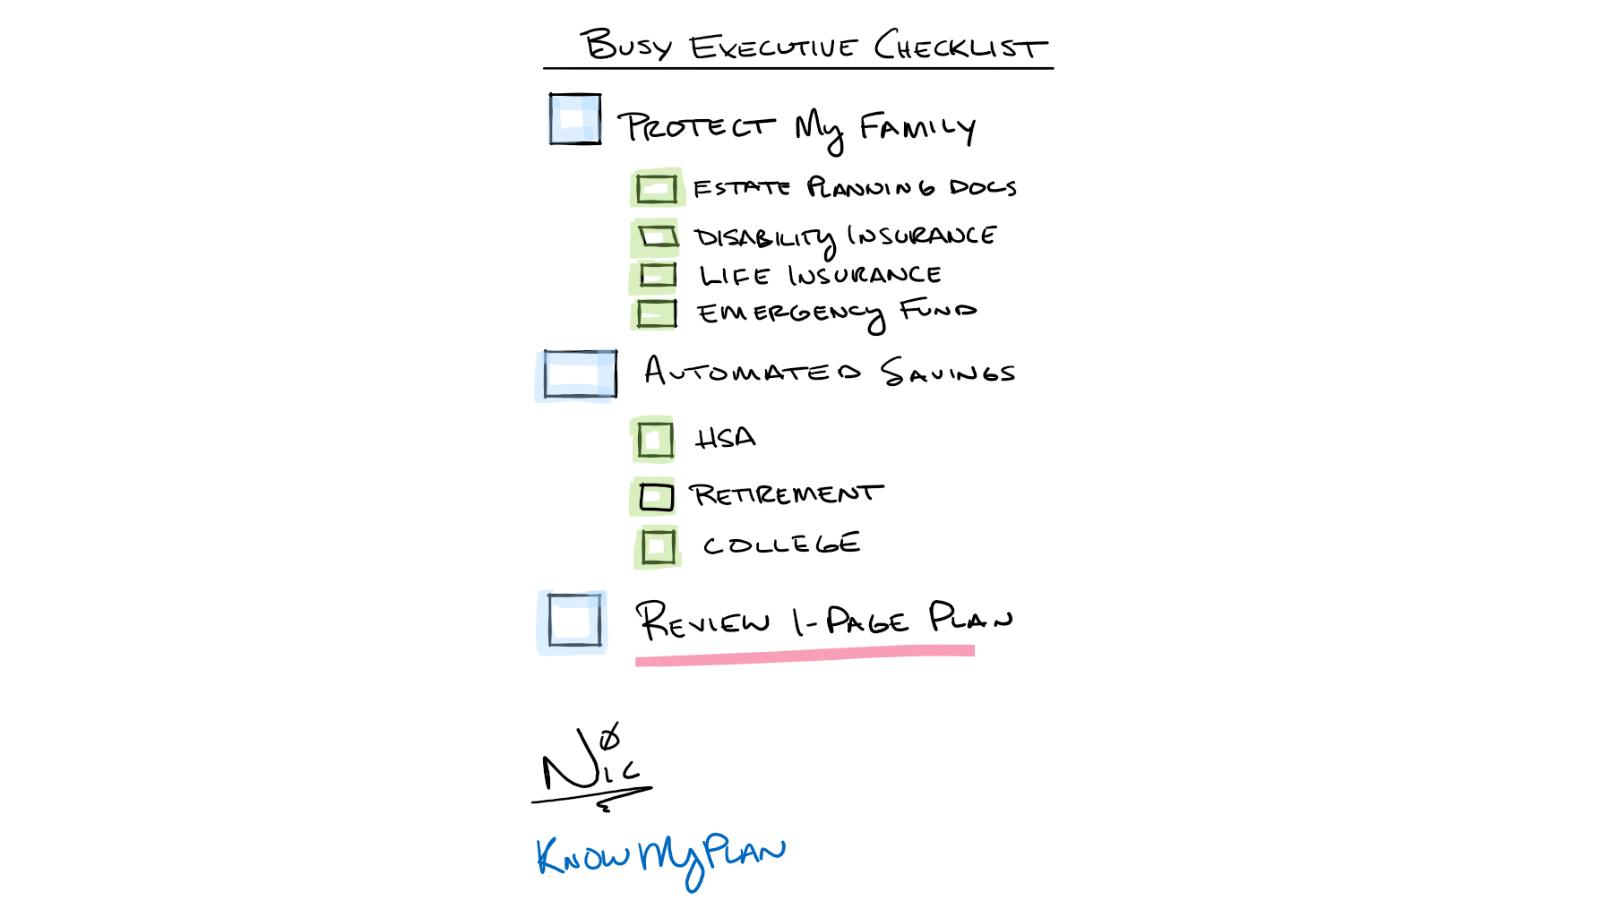 Busy Executive Checklist Thumbnail